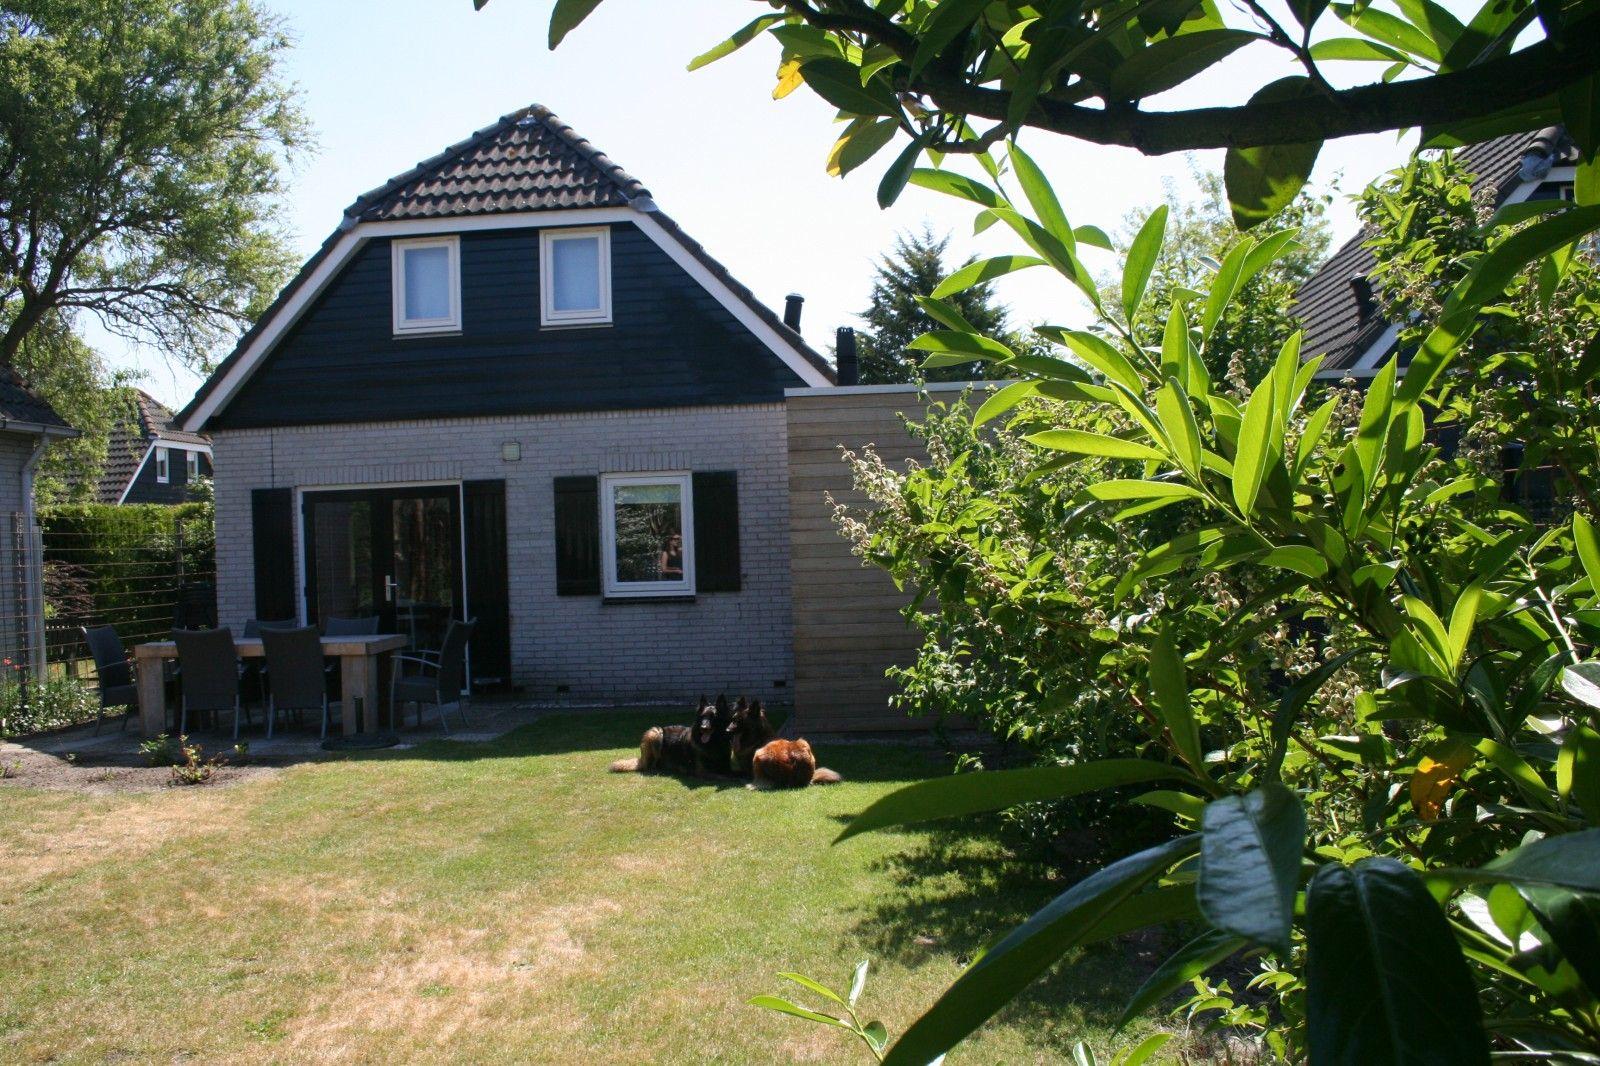 Ferienhaus Zwantje mit 2 m hoch eingezäunten Garten und